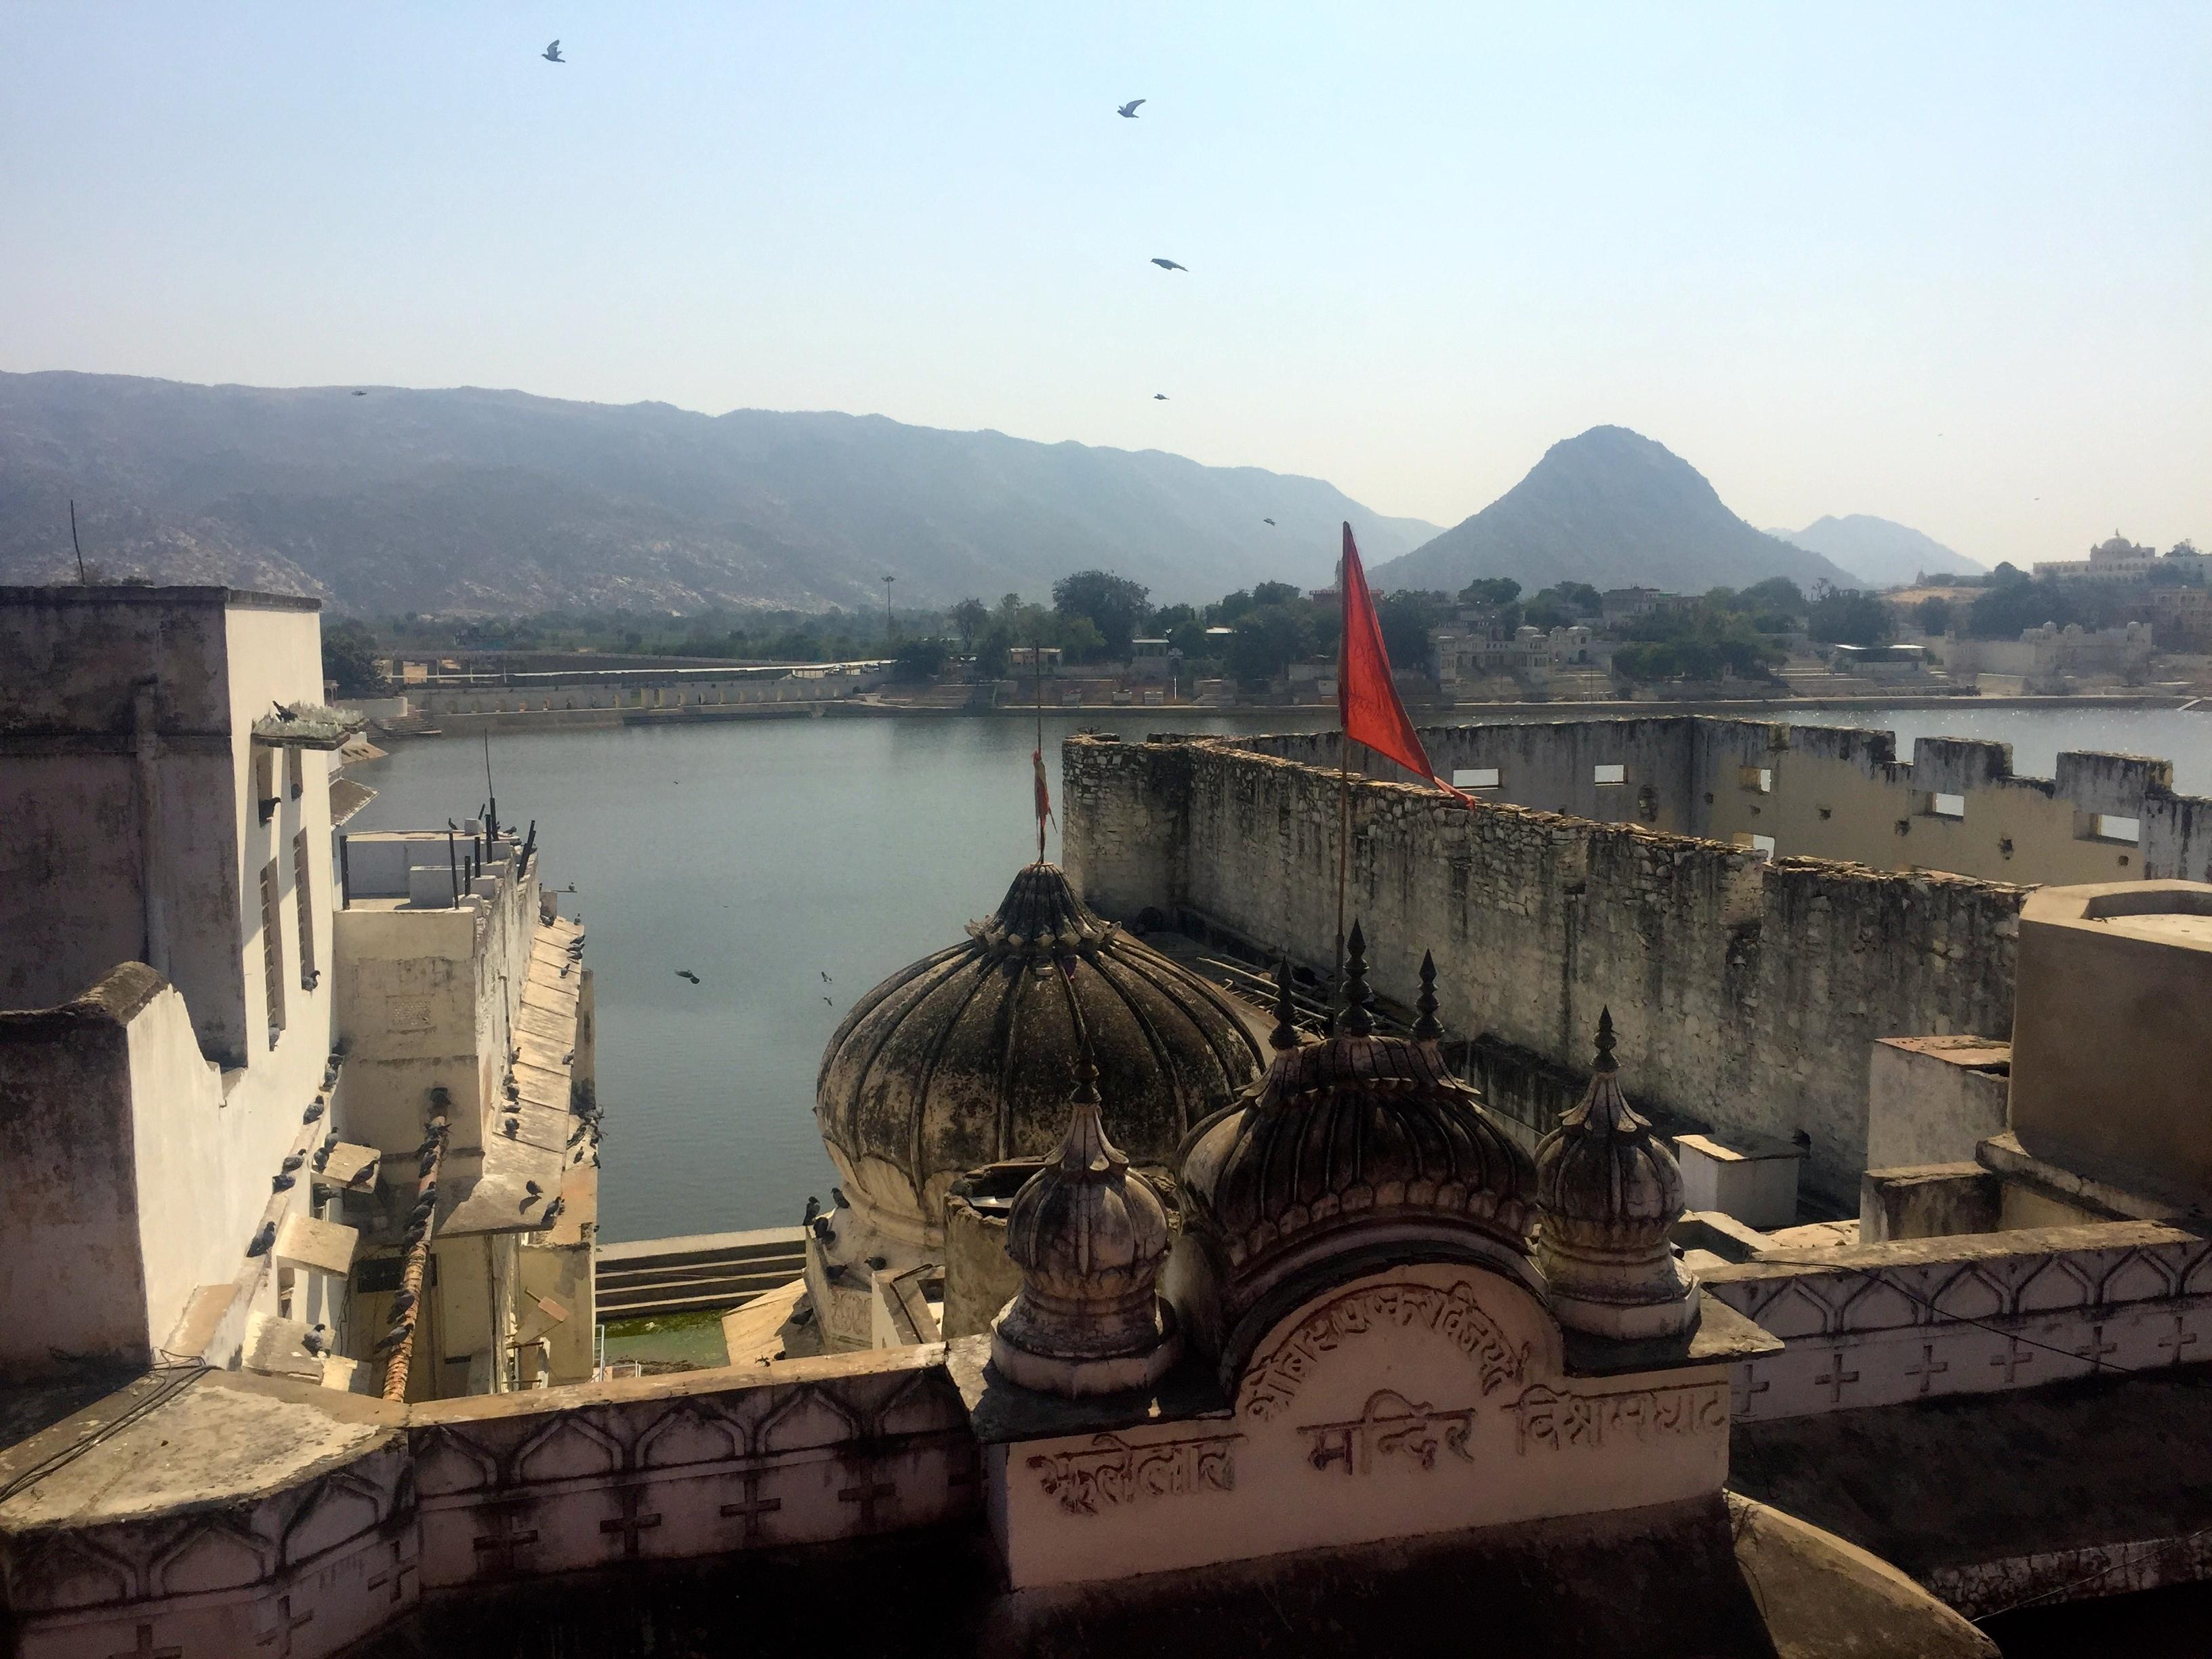 Blick auf den heiligen See von Pushkar